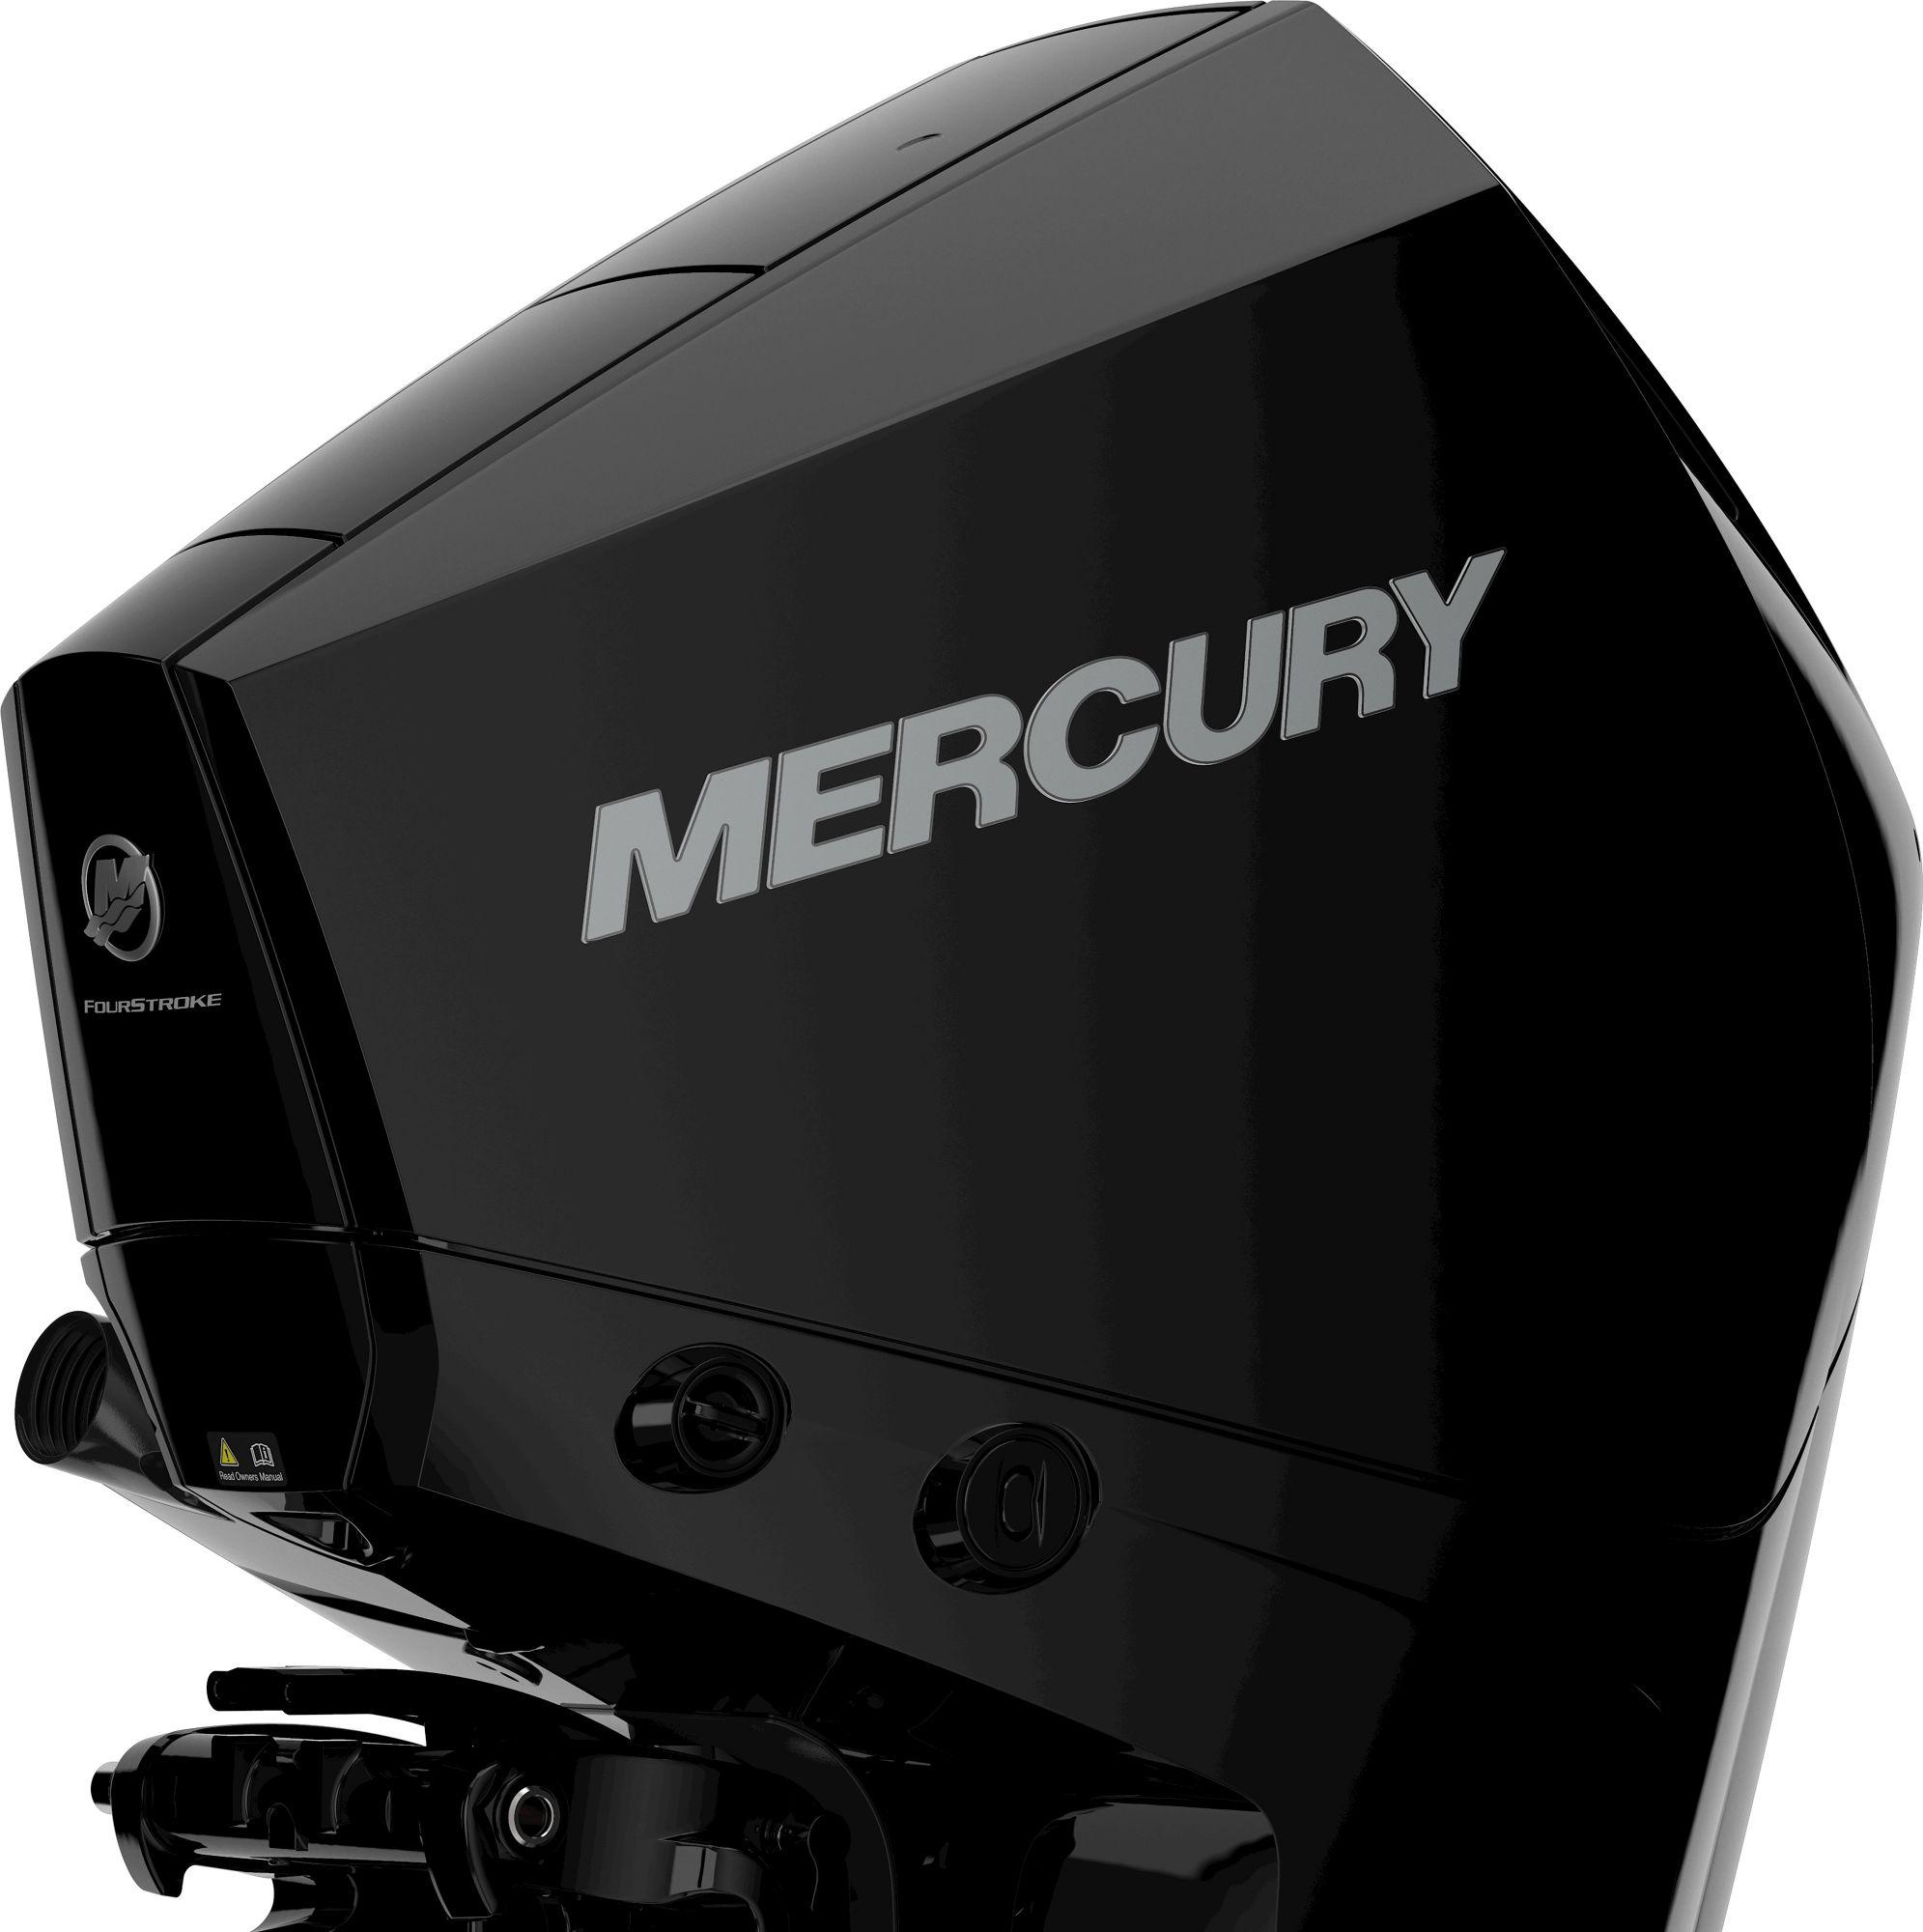 Mercury V6 225